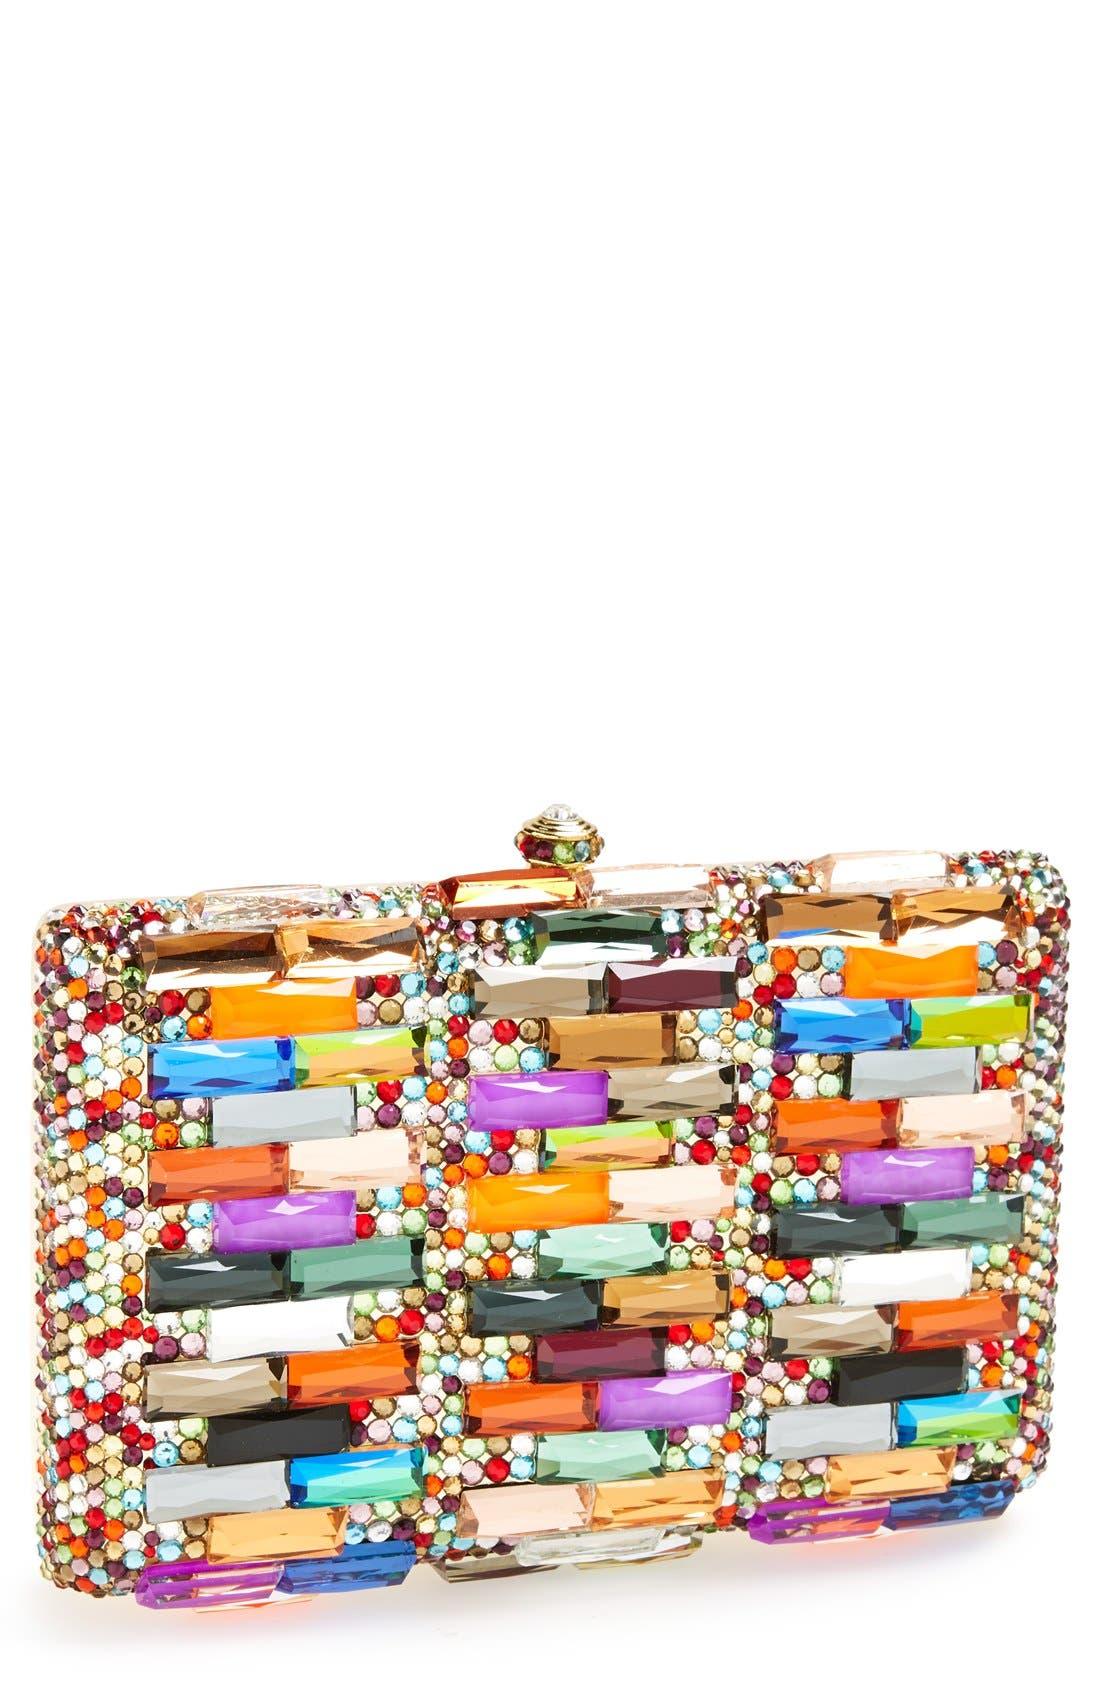 Main Image - Tasha 'Bejeweled Bonanza' Clutch